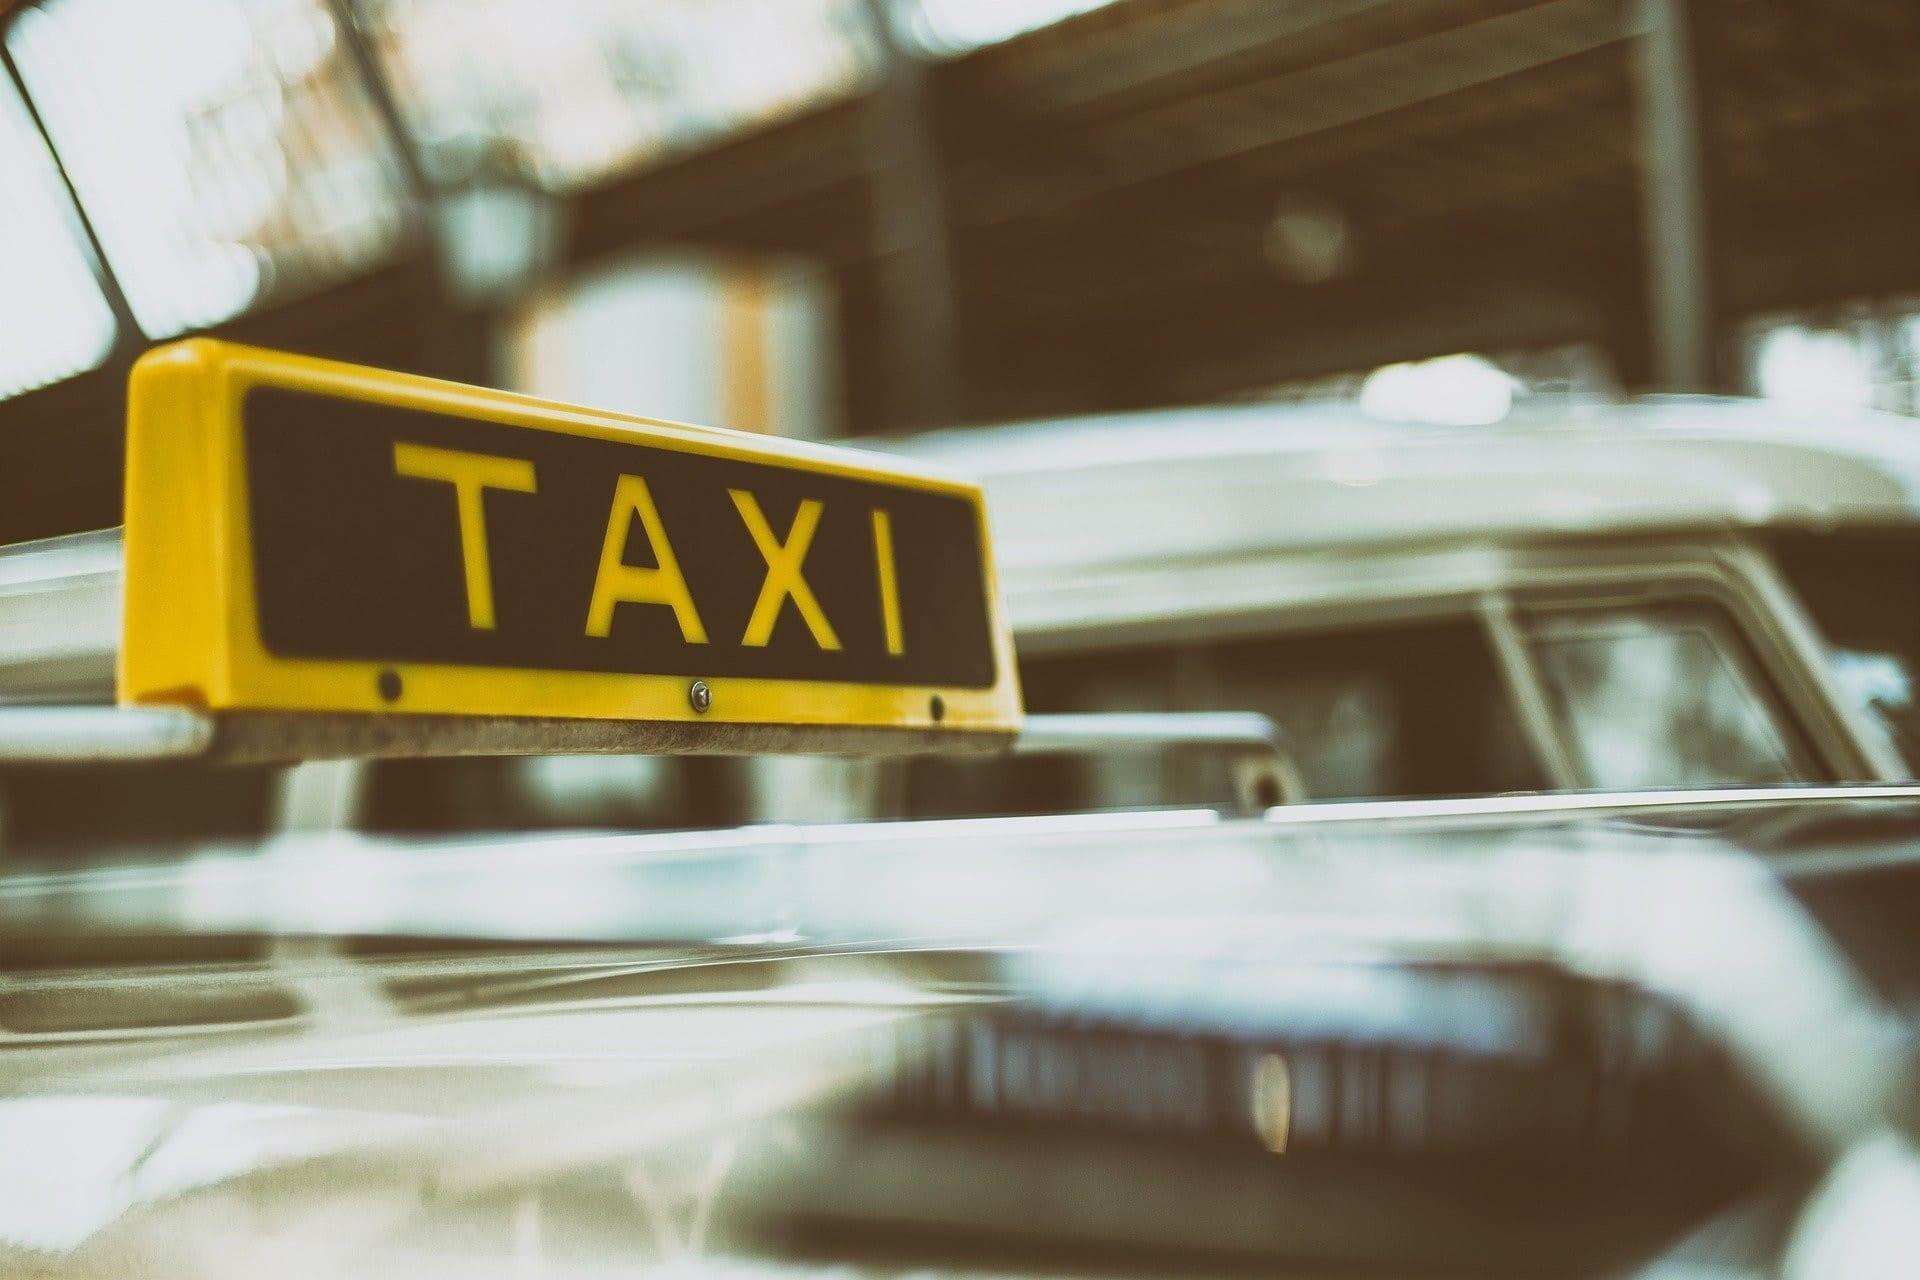 Réservation taxi Rubin Châtel Genève